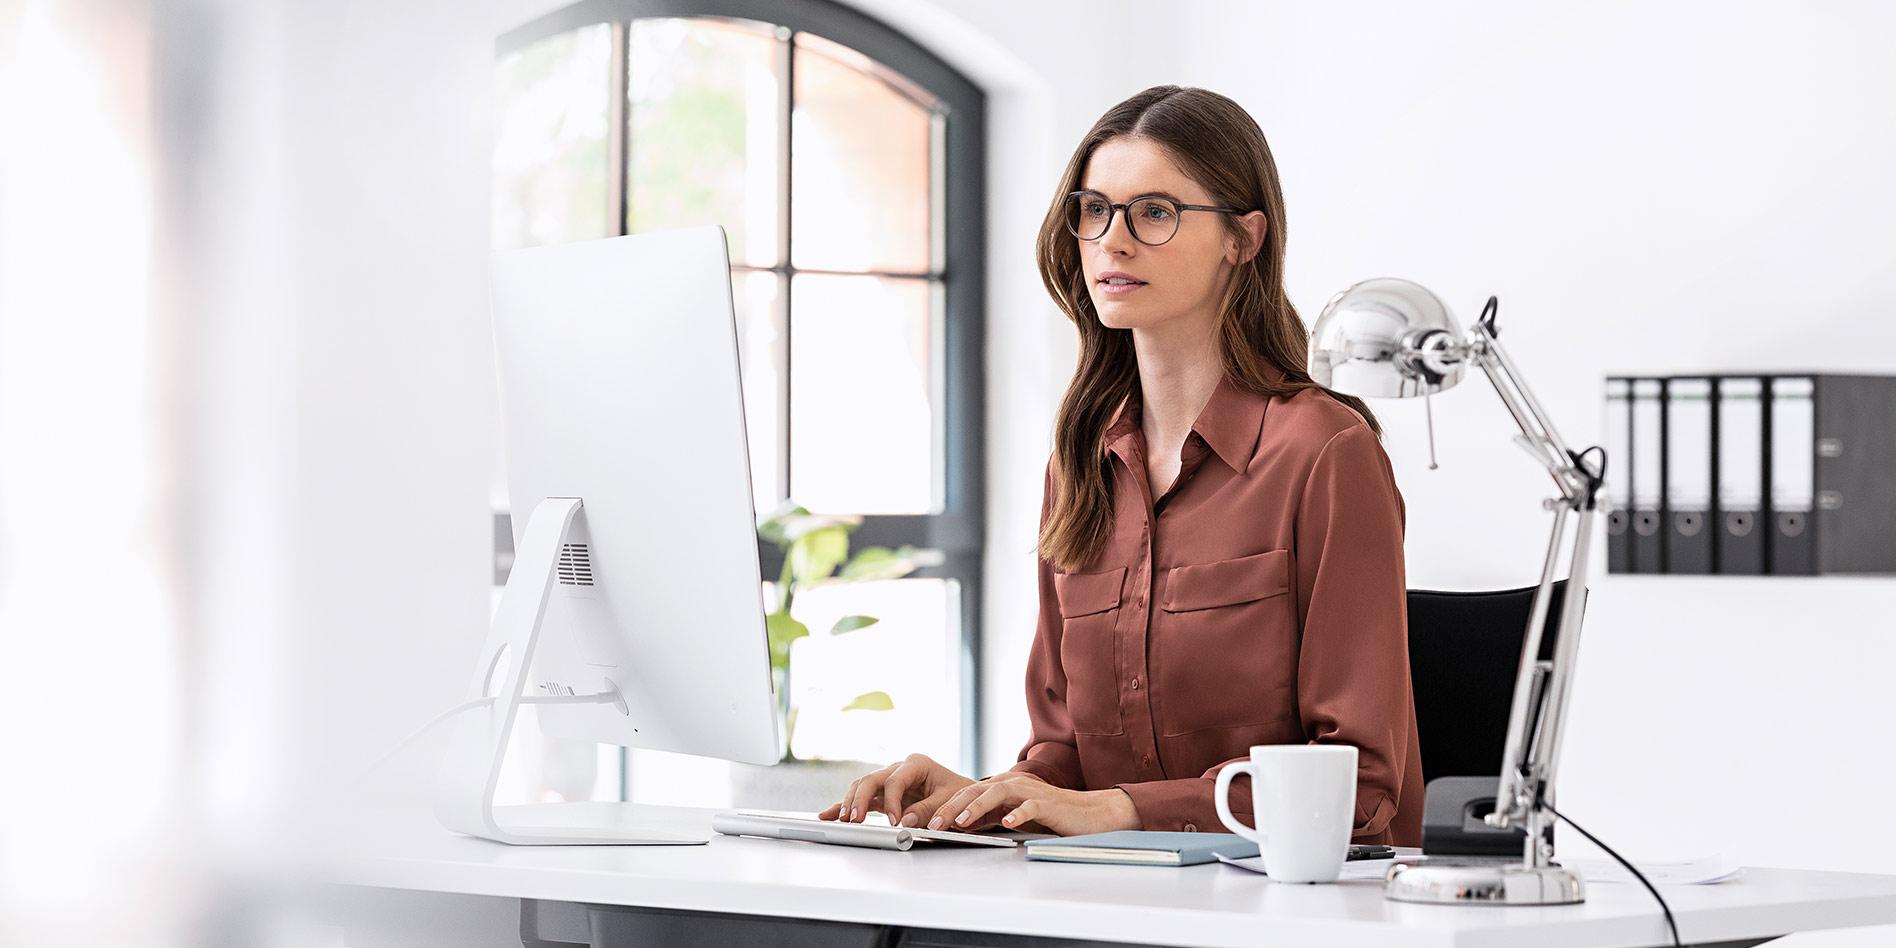 computerbrillen arbeitsplatzbrillen bei fielmann. Black Bedroom Furniture Sets. Home Design Ideas